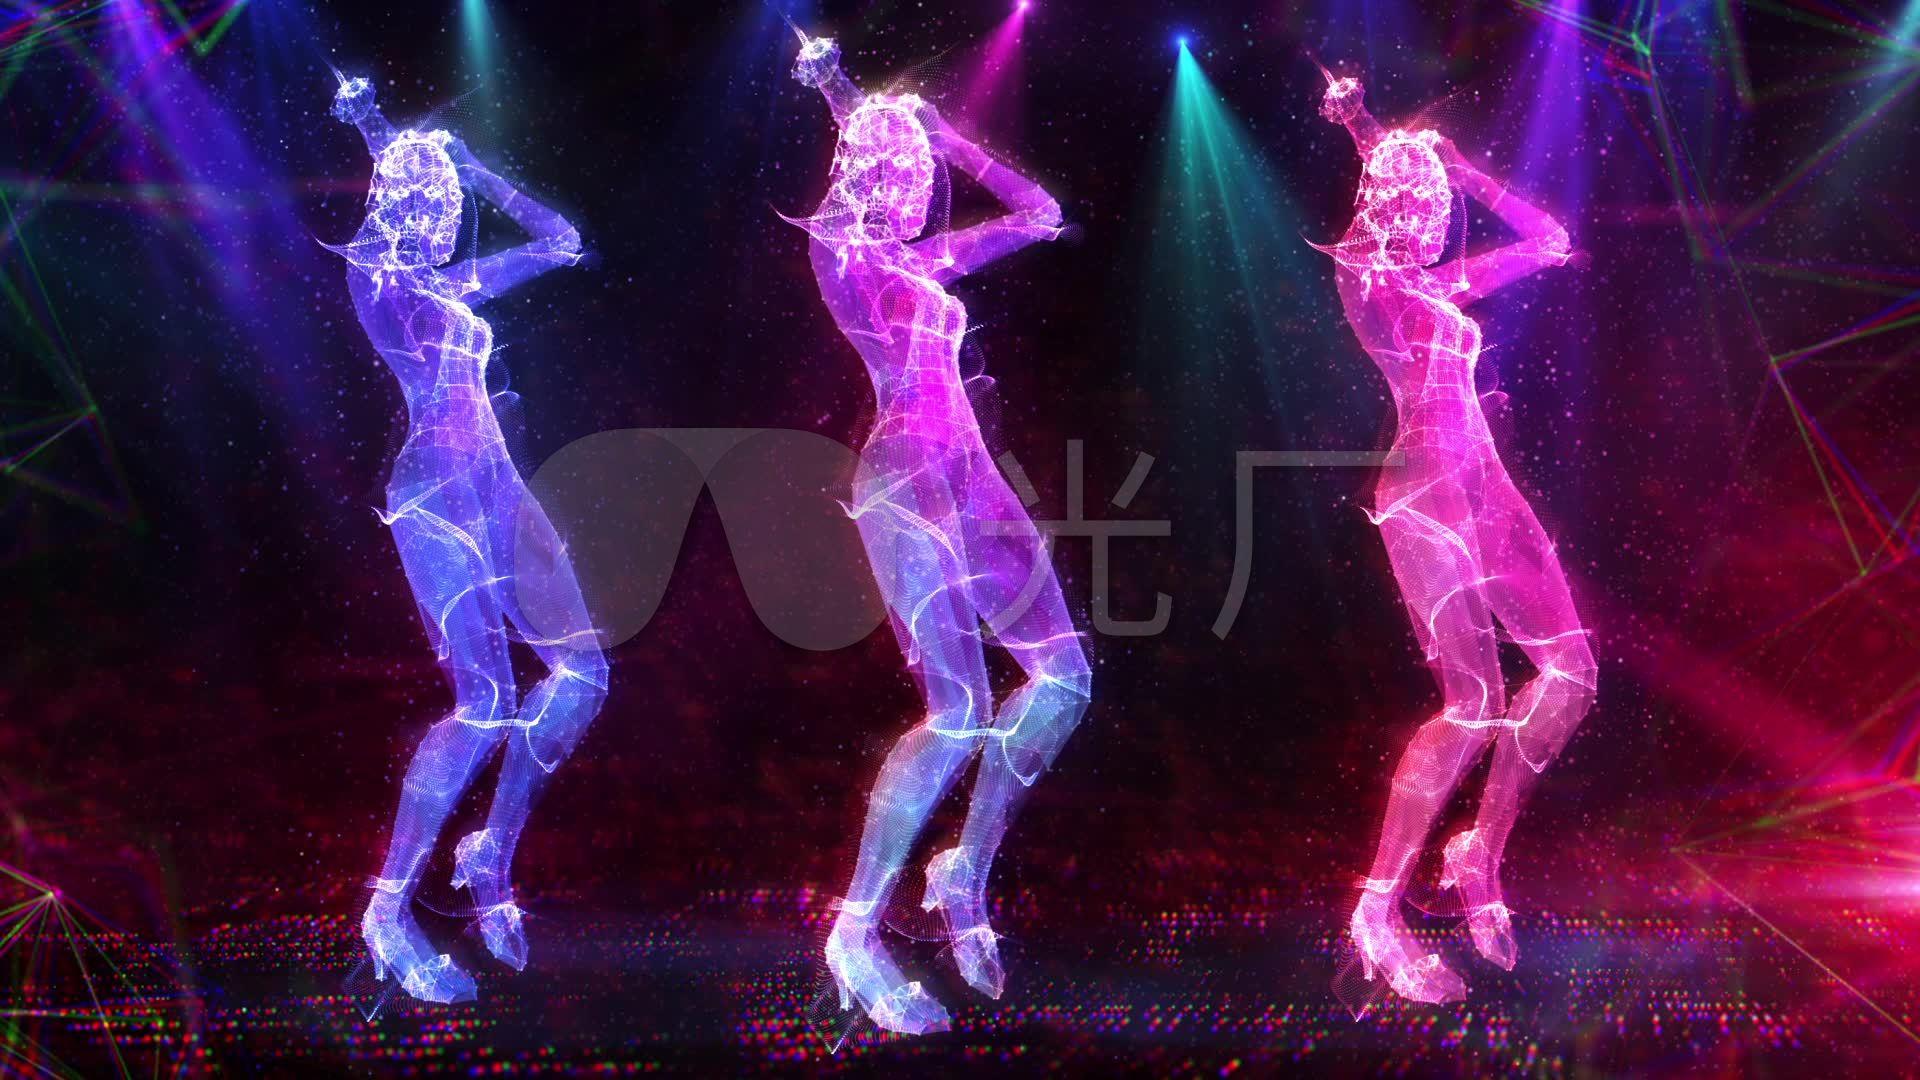 高清下图女跳舞_1920X1080_性感动态全息素材性感美女v高清护士服视频图片